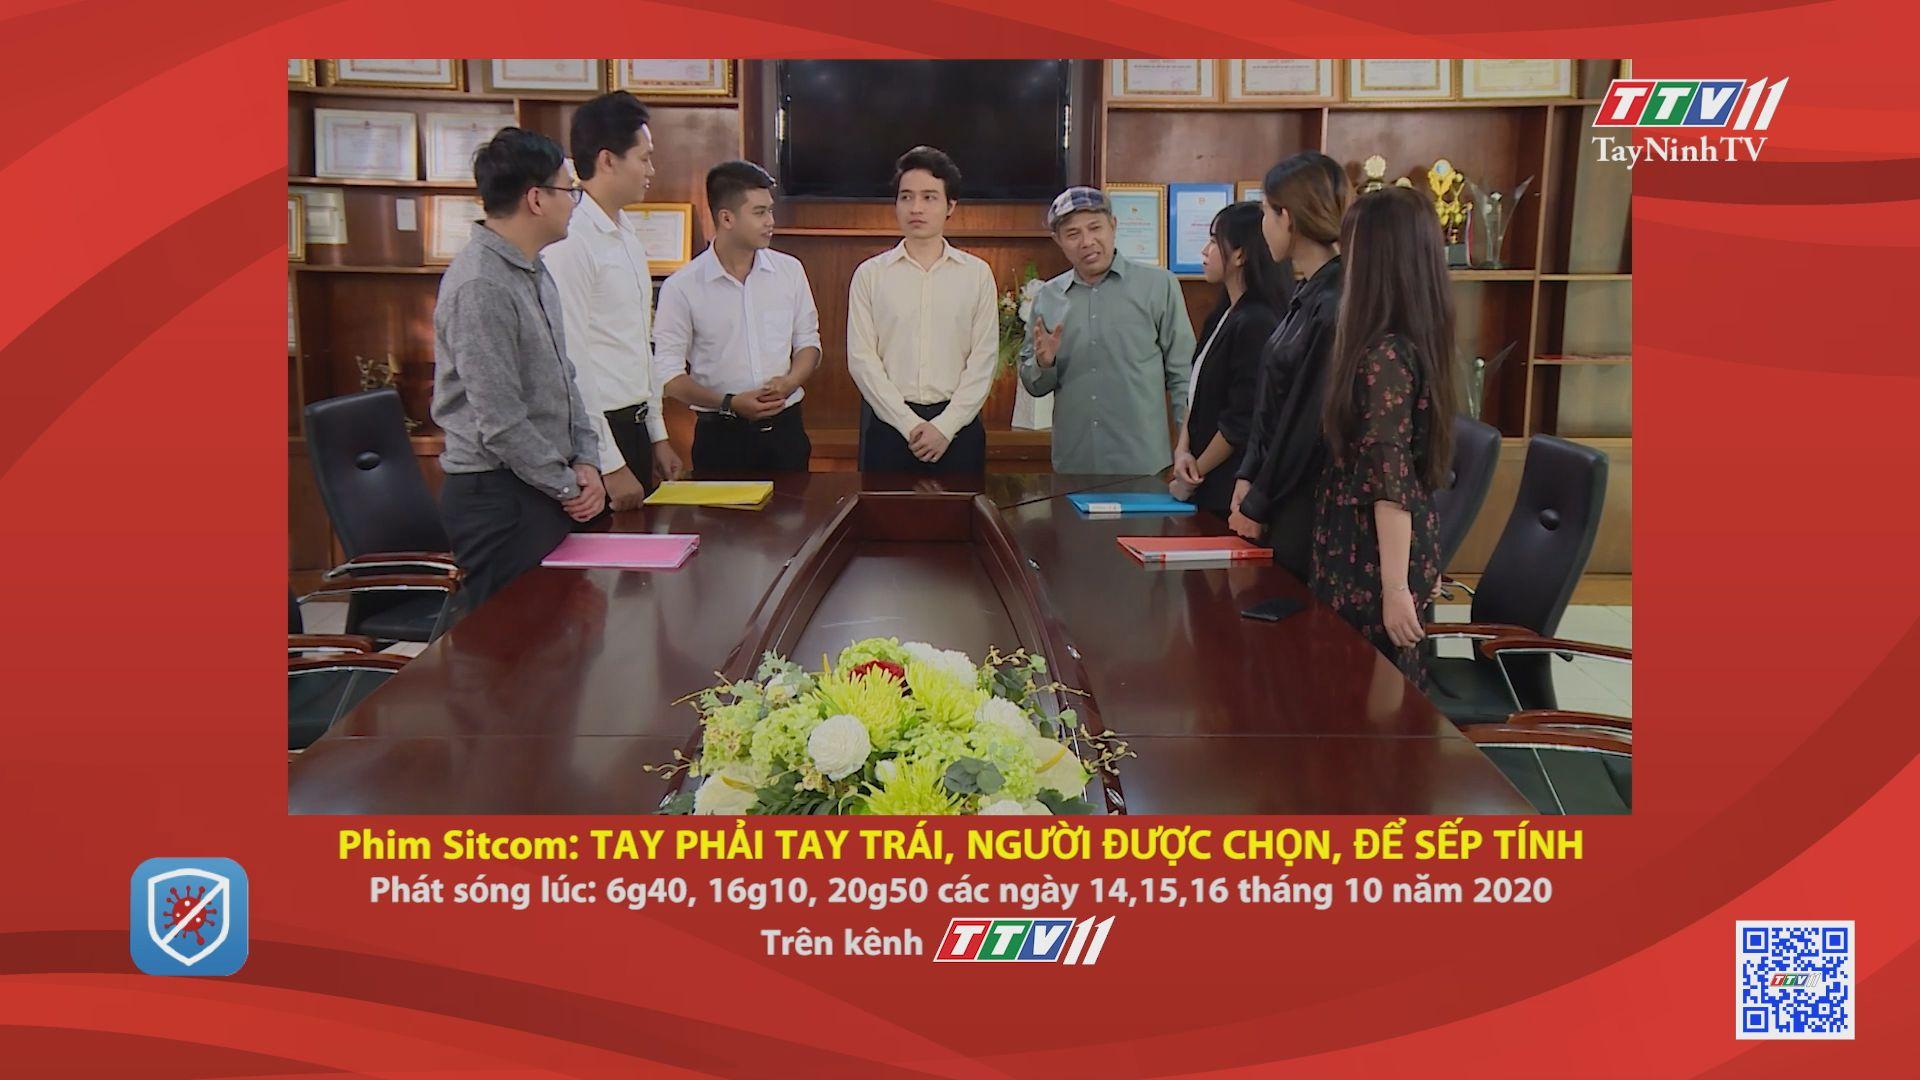 Phim sitcom: Tay phải tay trái, người được chọn, để sếp tính-TRAILER | GIỚI THIỆU PHIM | TayNinhTV